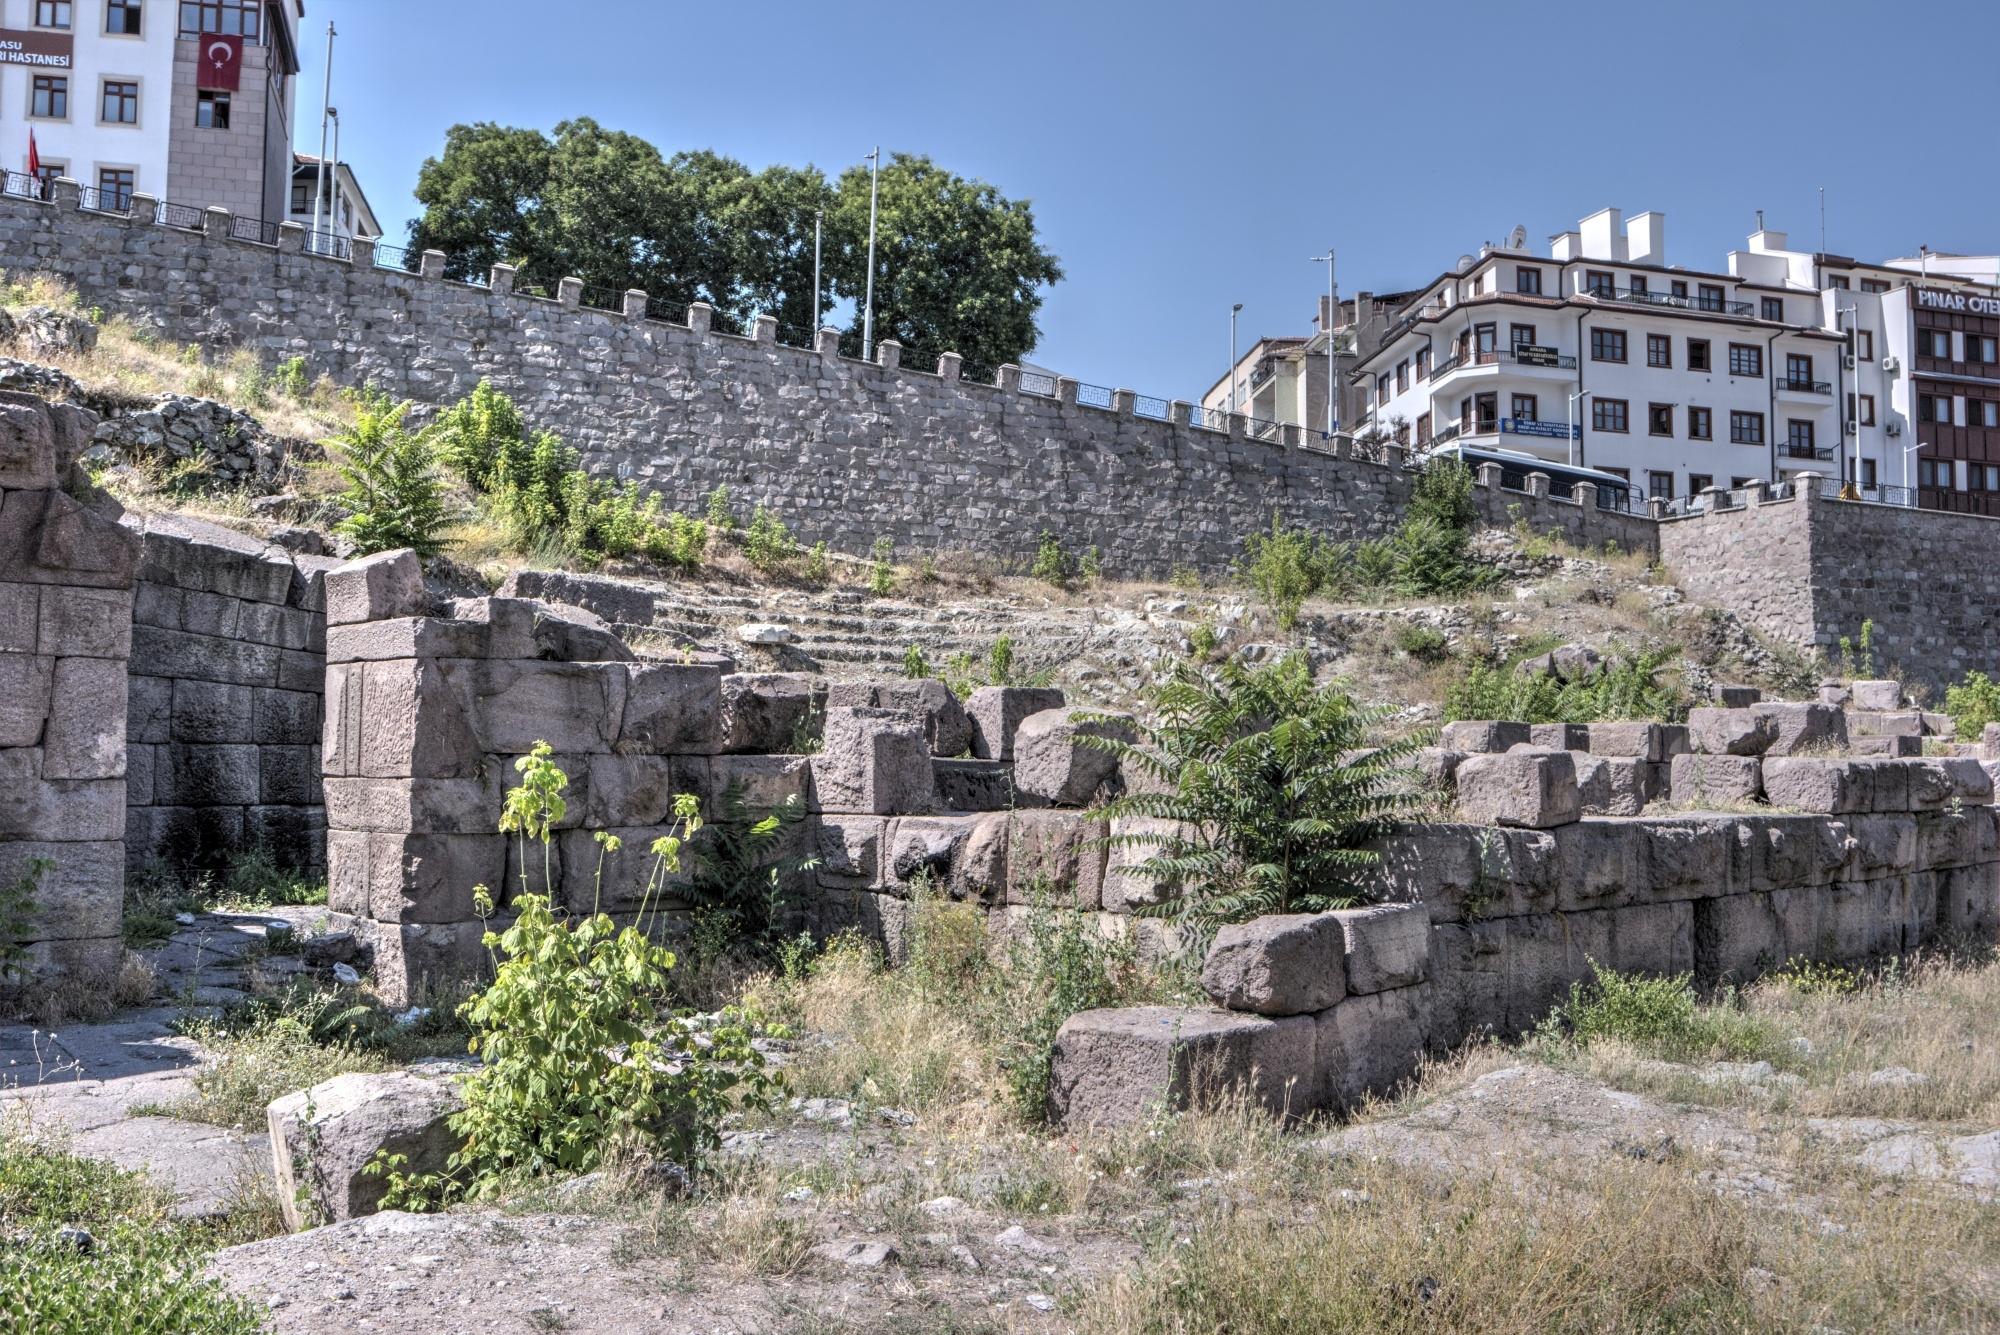 Rzymski teatr w Ankarze